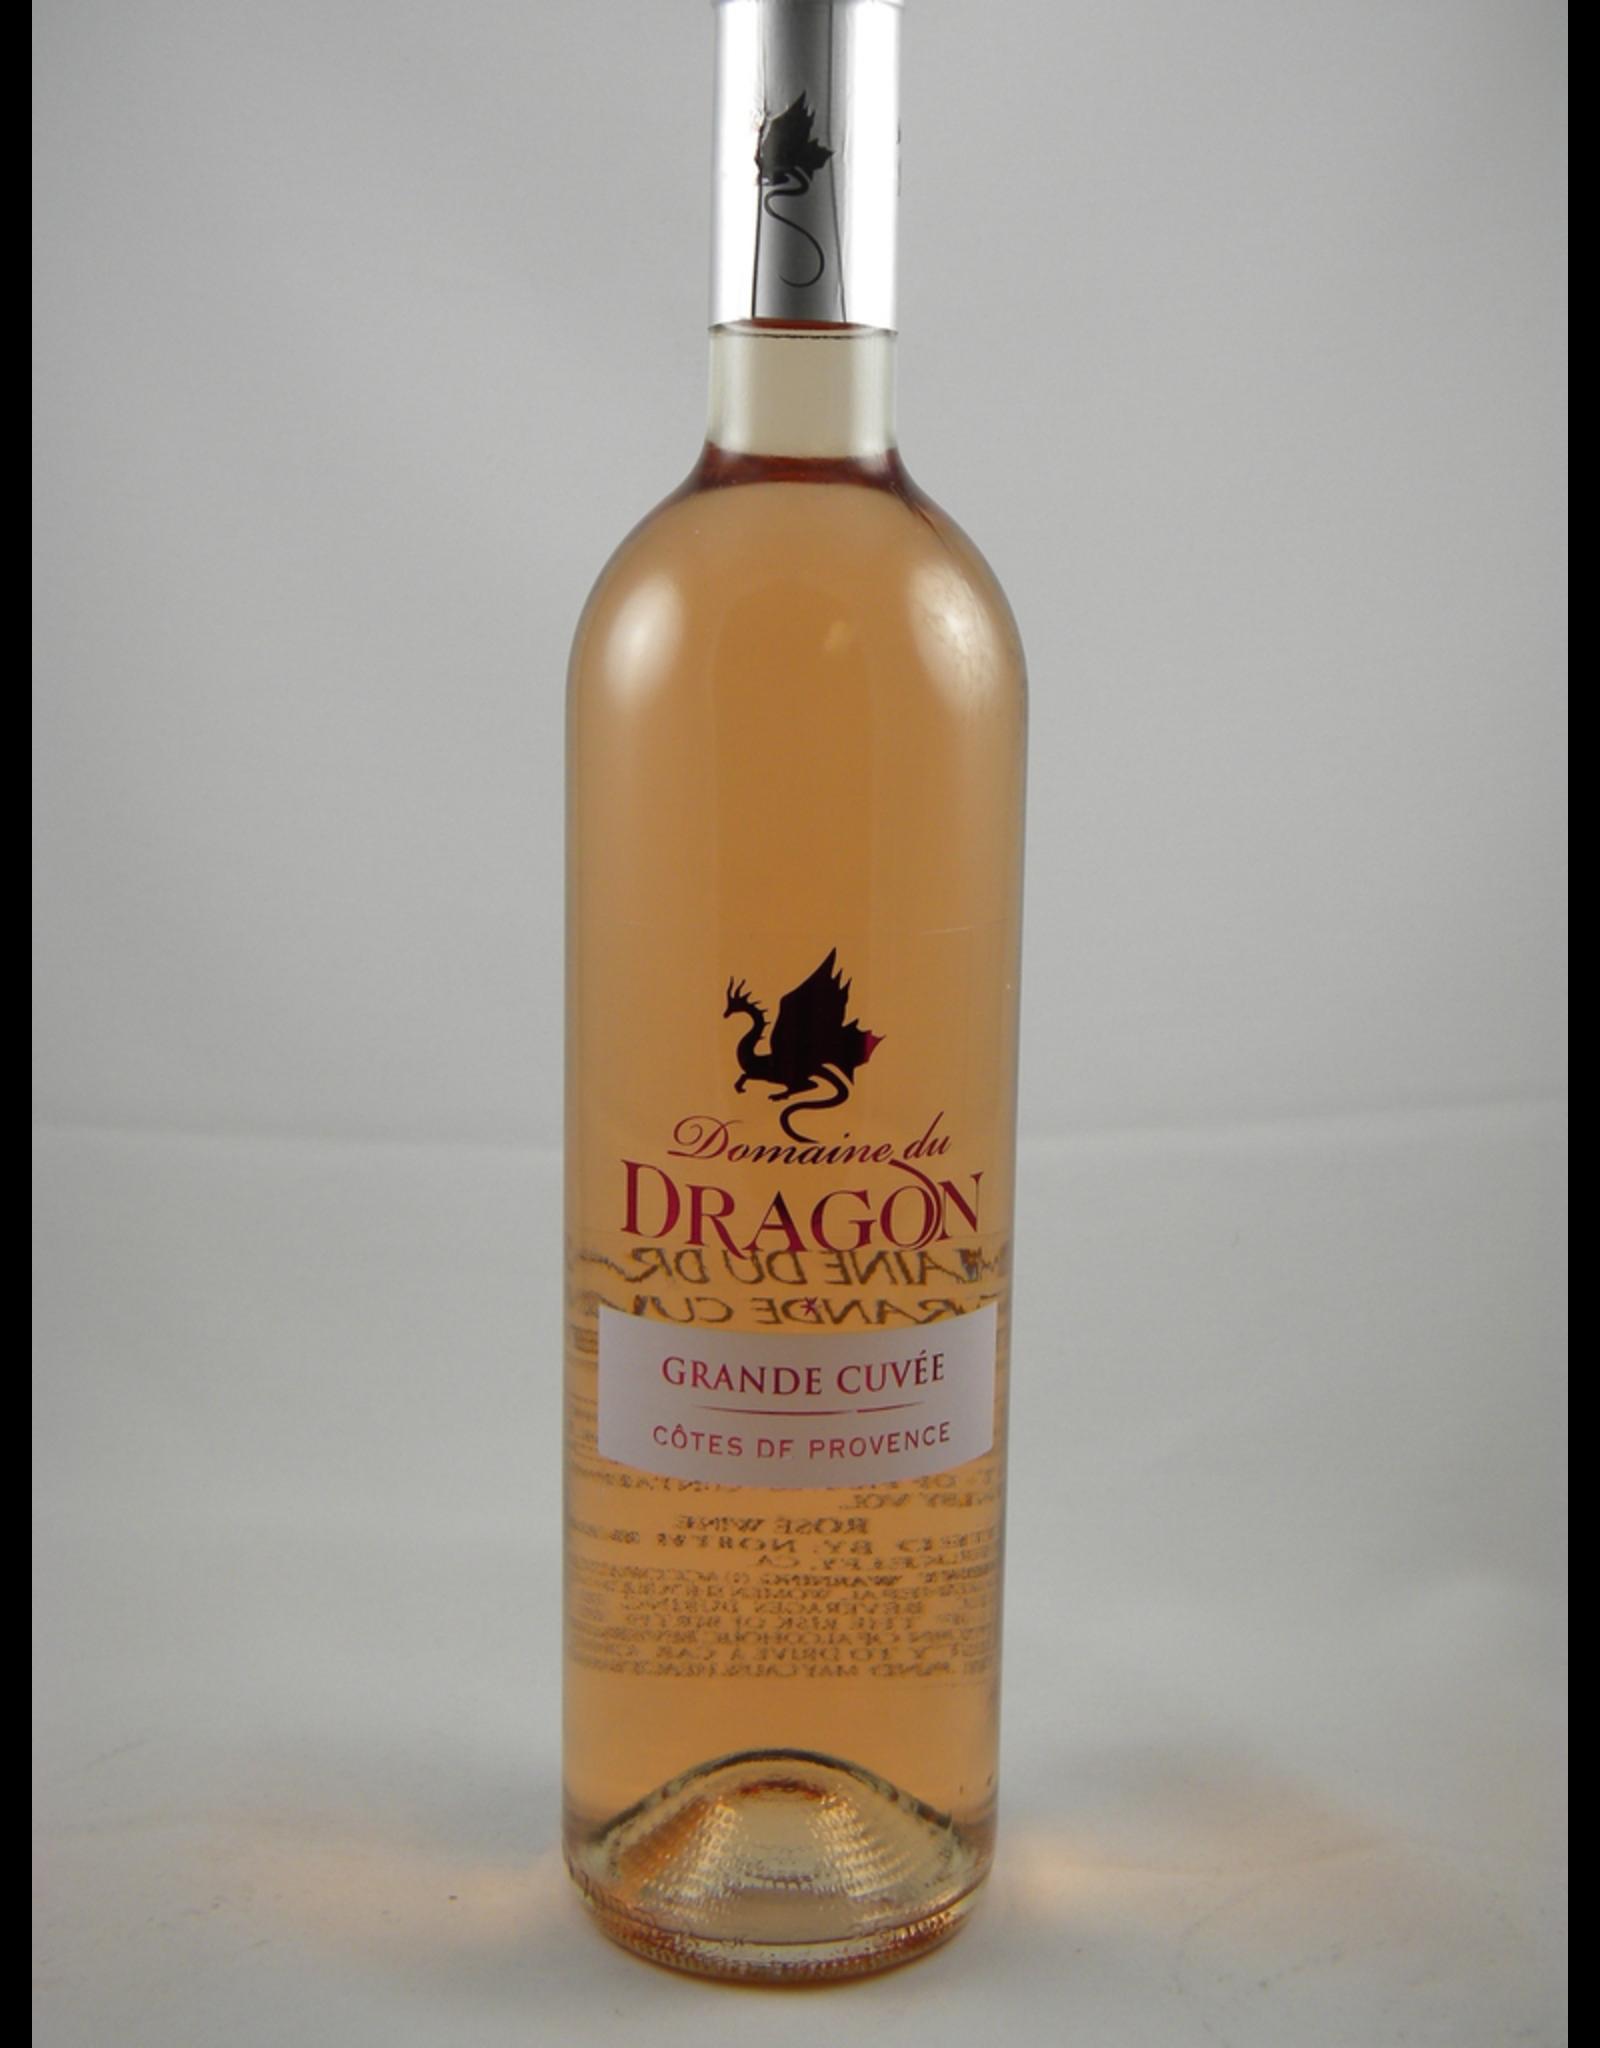 Dragon Domaine du Dragon Rosé Provence Grande Cuvée 2019